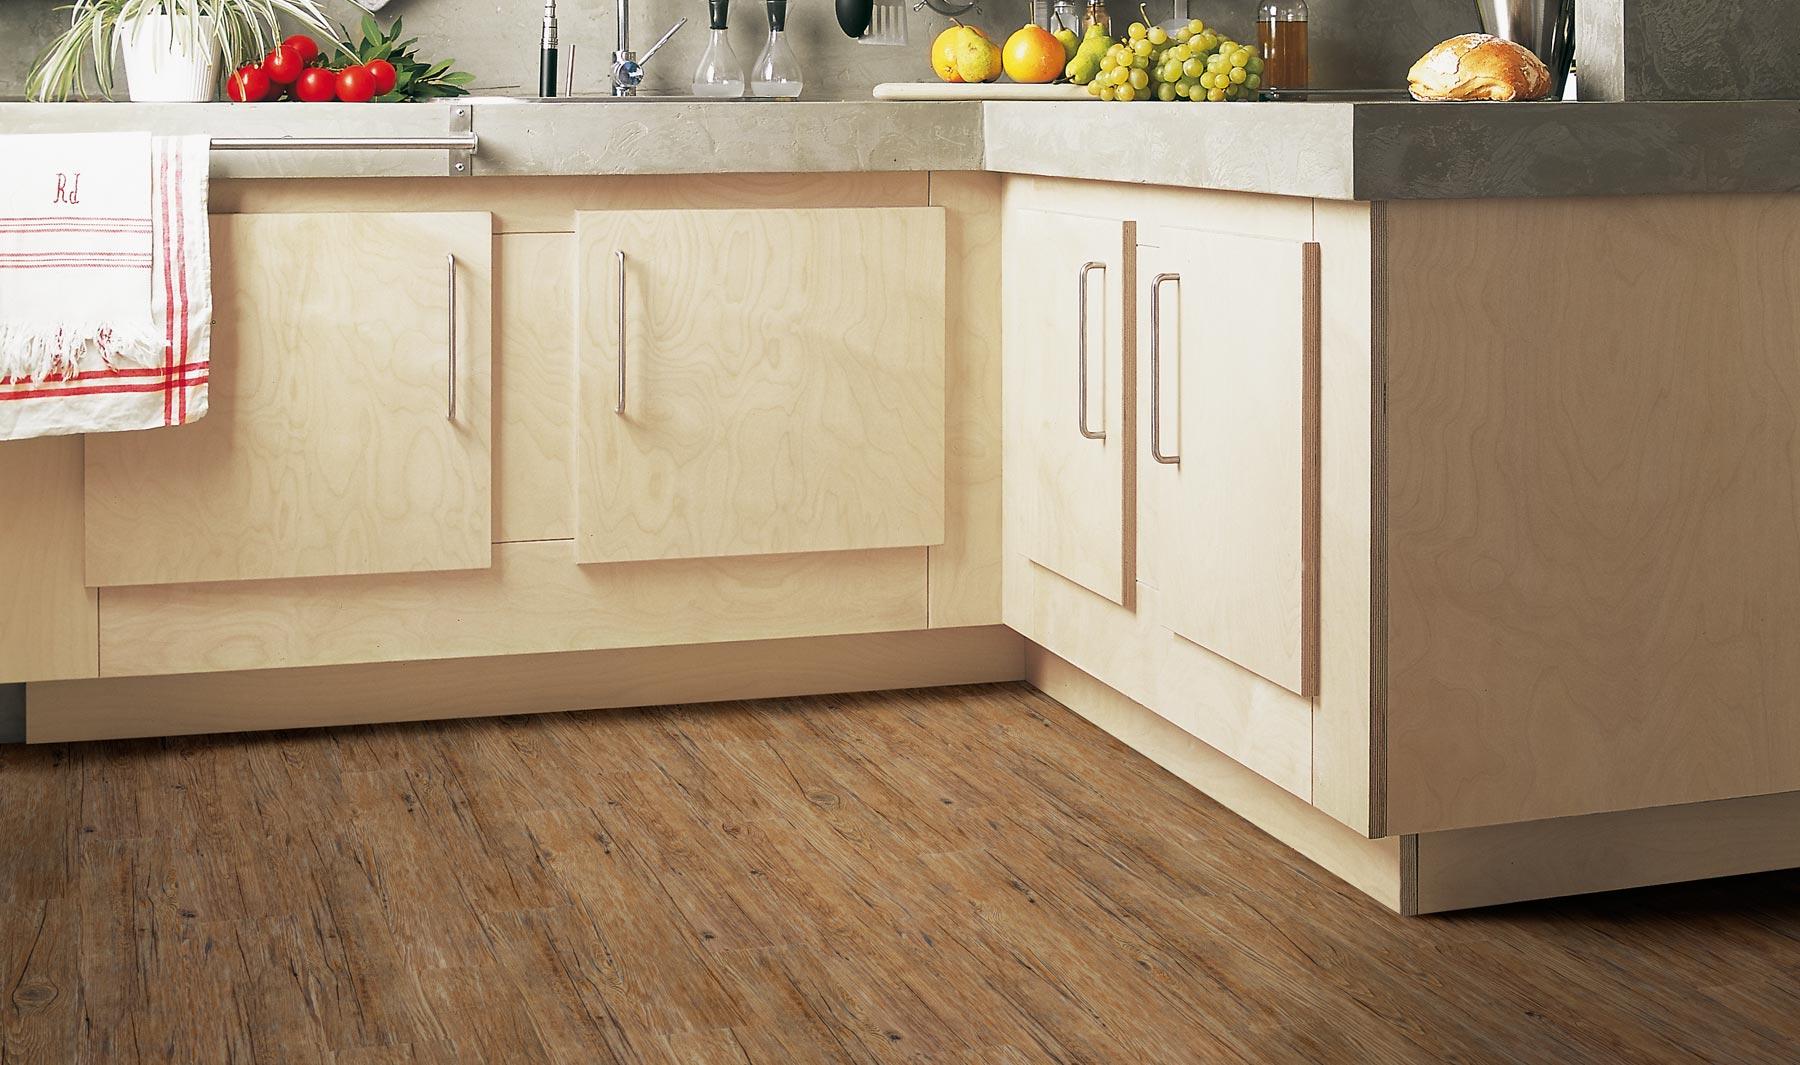 Nuevo suelo bueno bonito y barato para toda tu casa - Suelos porcelanicos para cocinas ...